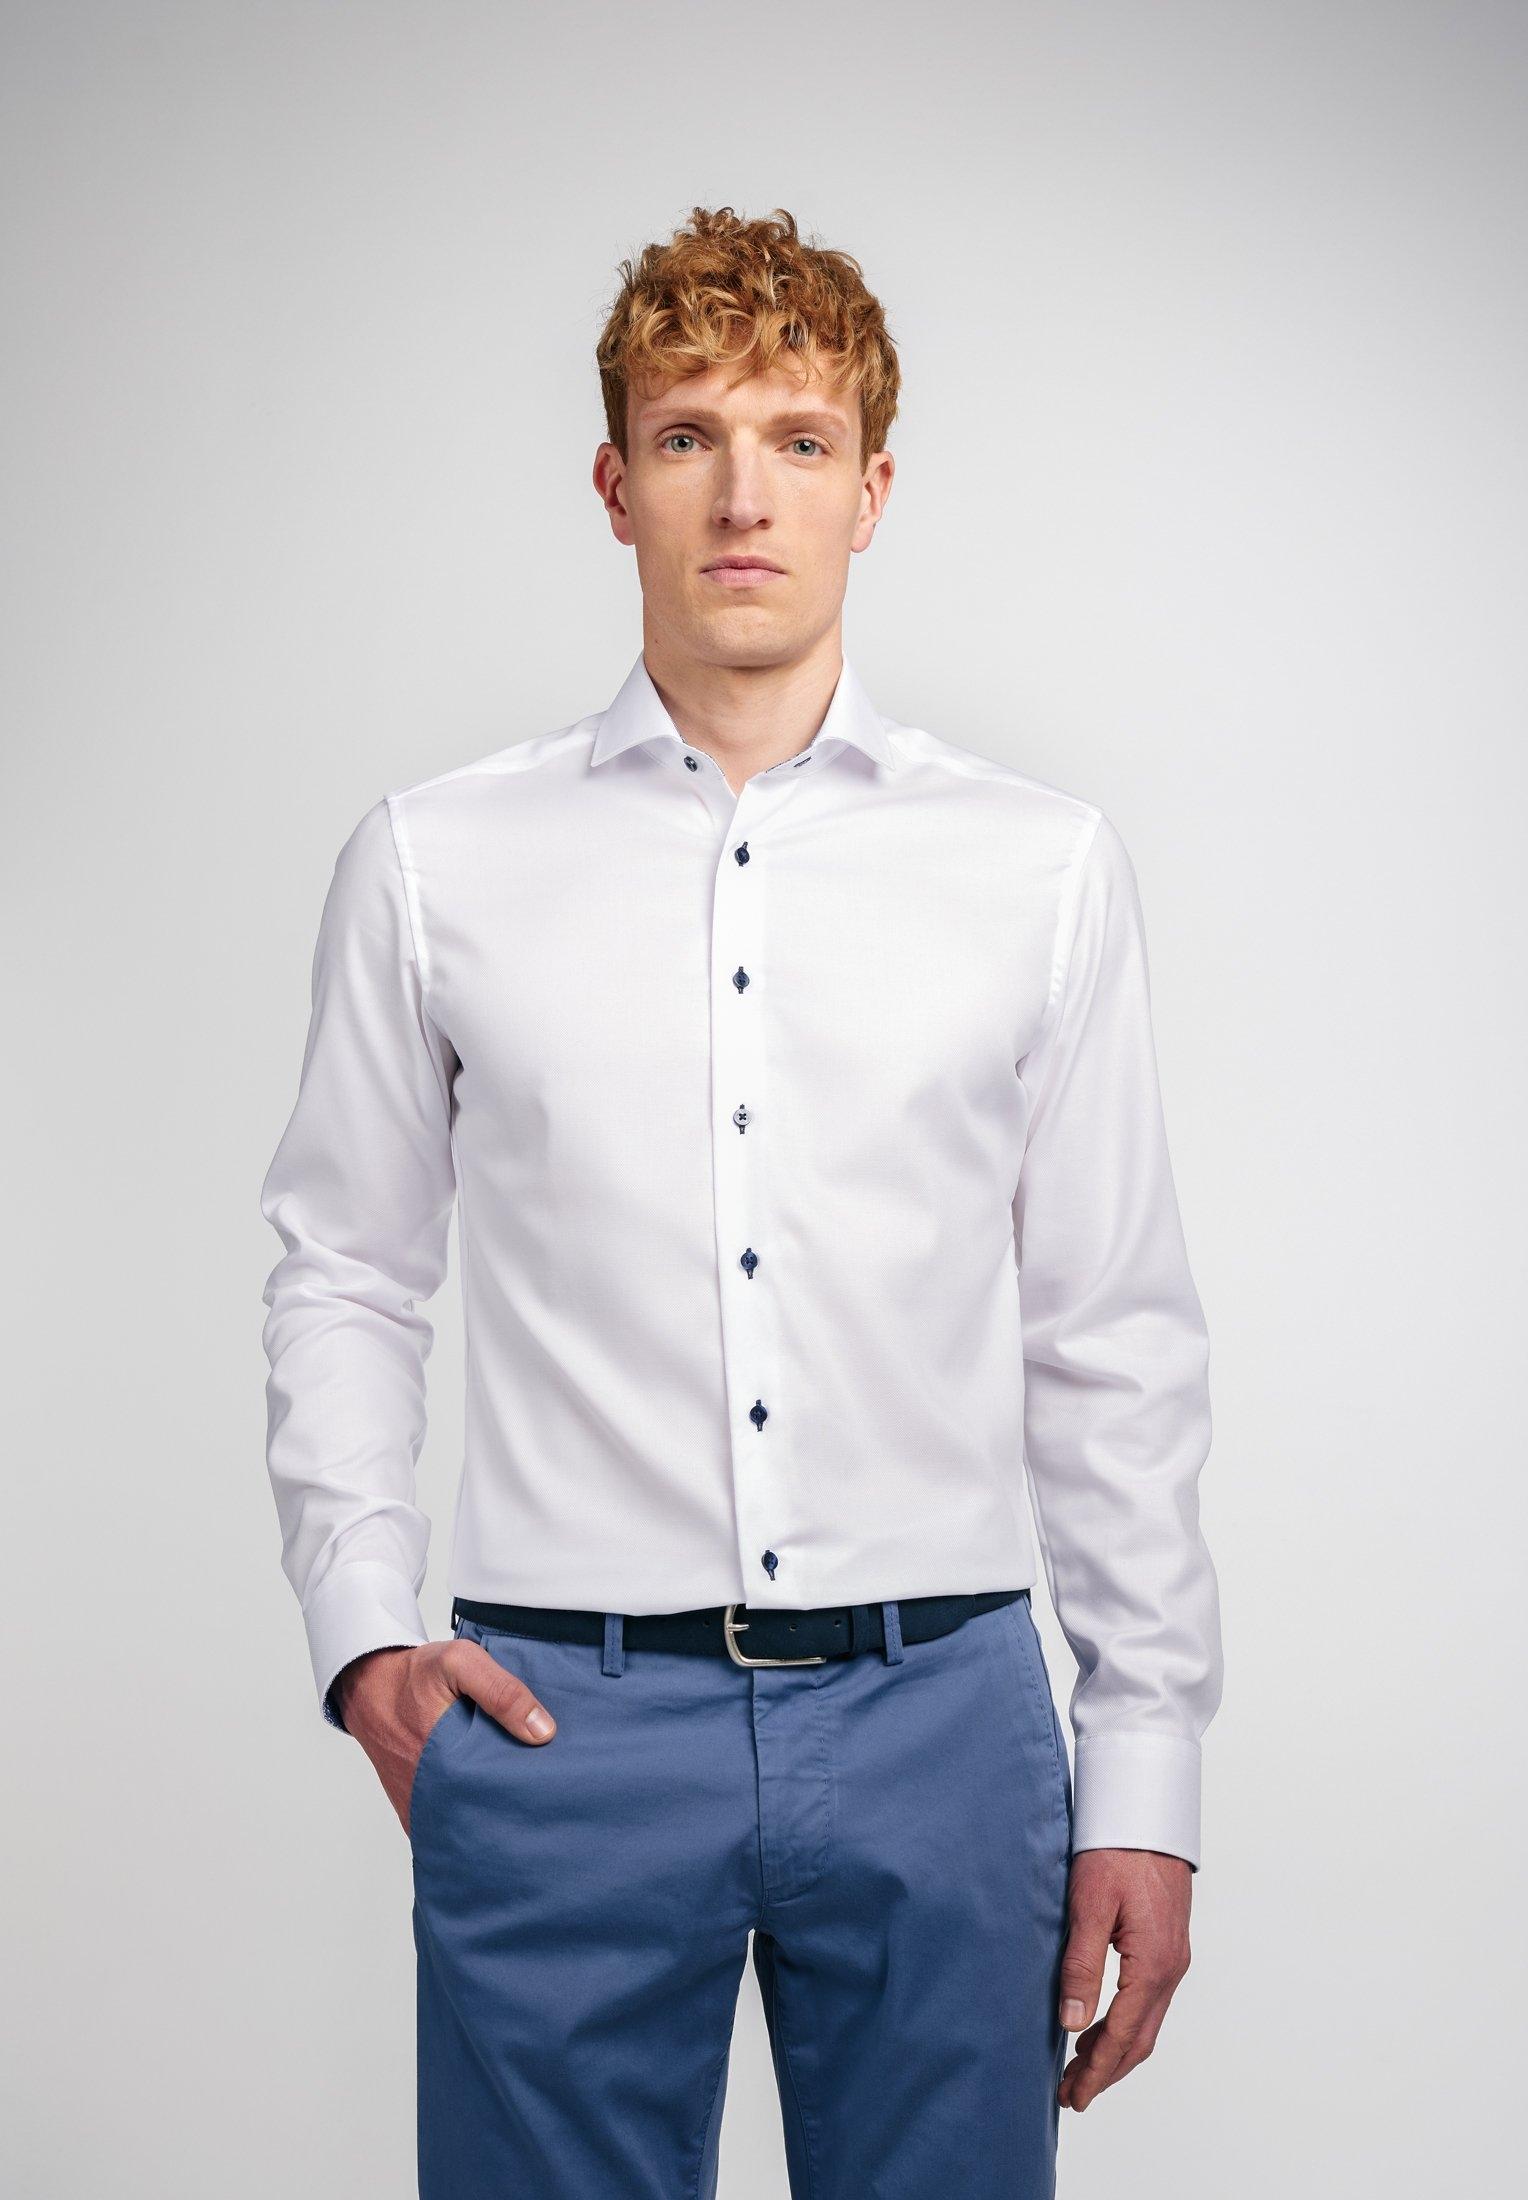 Op zoek naar een Eterna businessoverhemd Slim fit Lange mouwen overhemd? Koop online bij OTTO